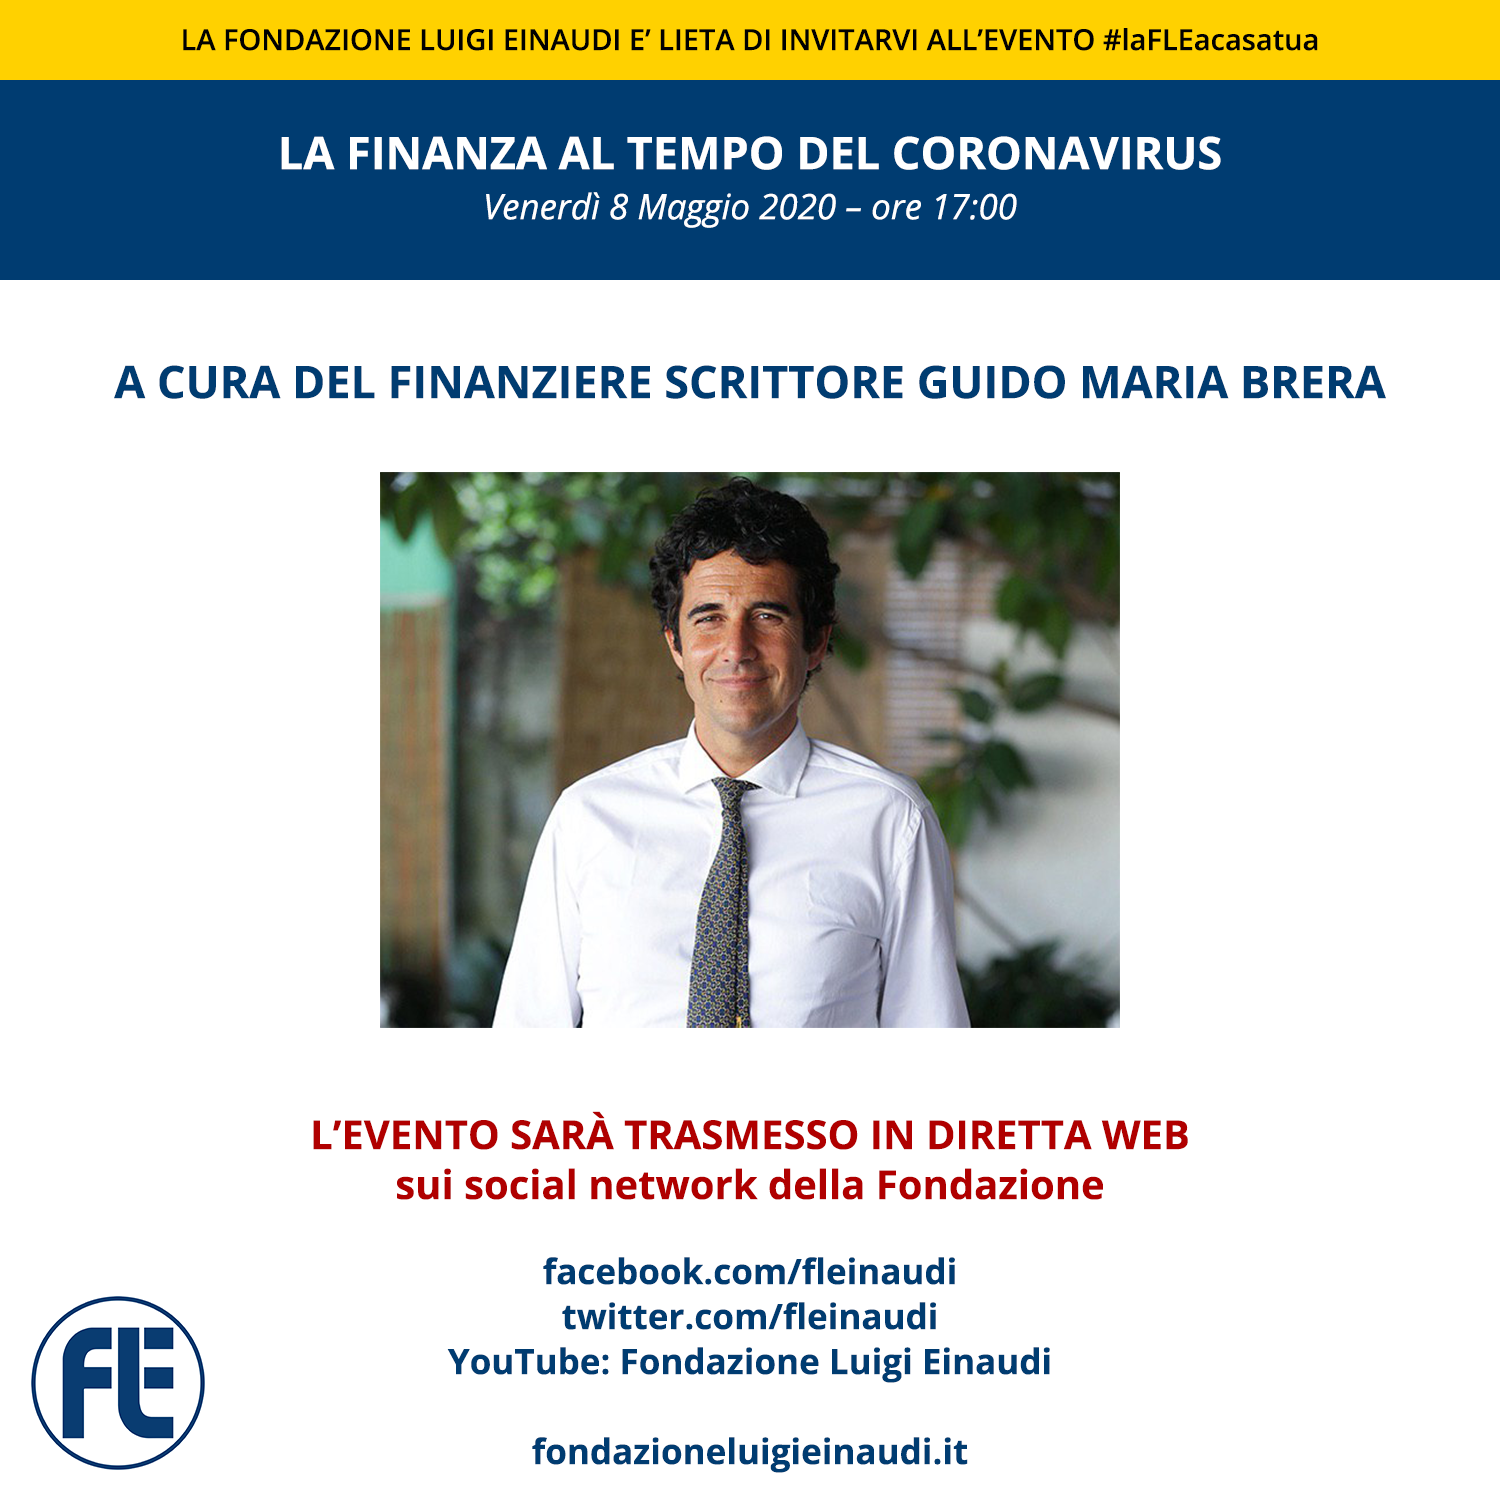 """#laFLEacasatua – Diretta con il finanziere scrittore Guido Maria Brera, tema """"La finanza al tempo del coronavirus"""""""